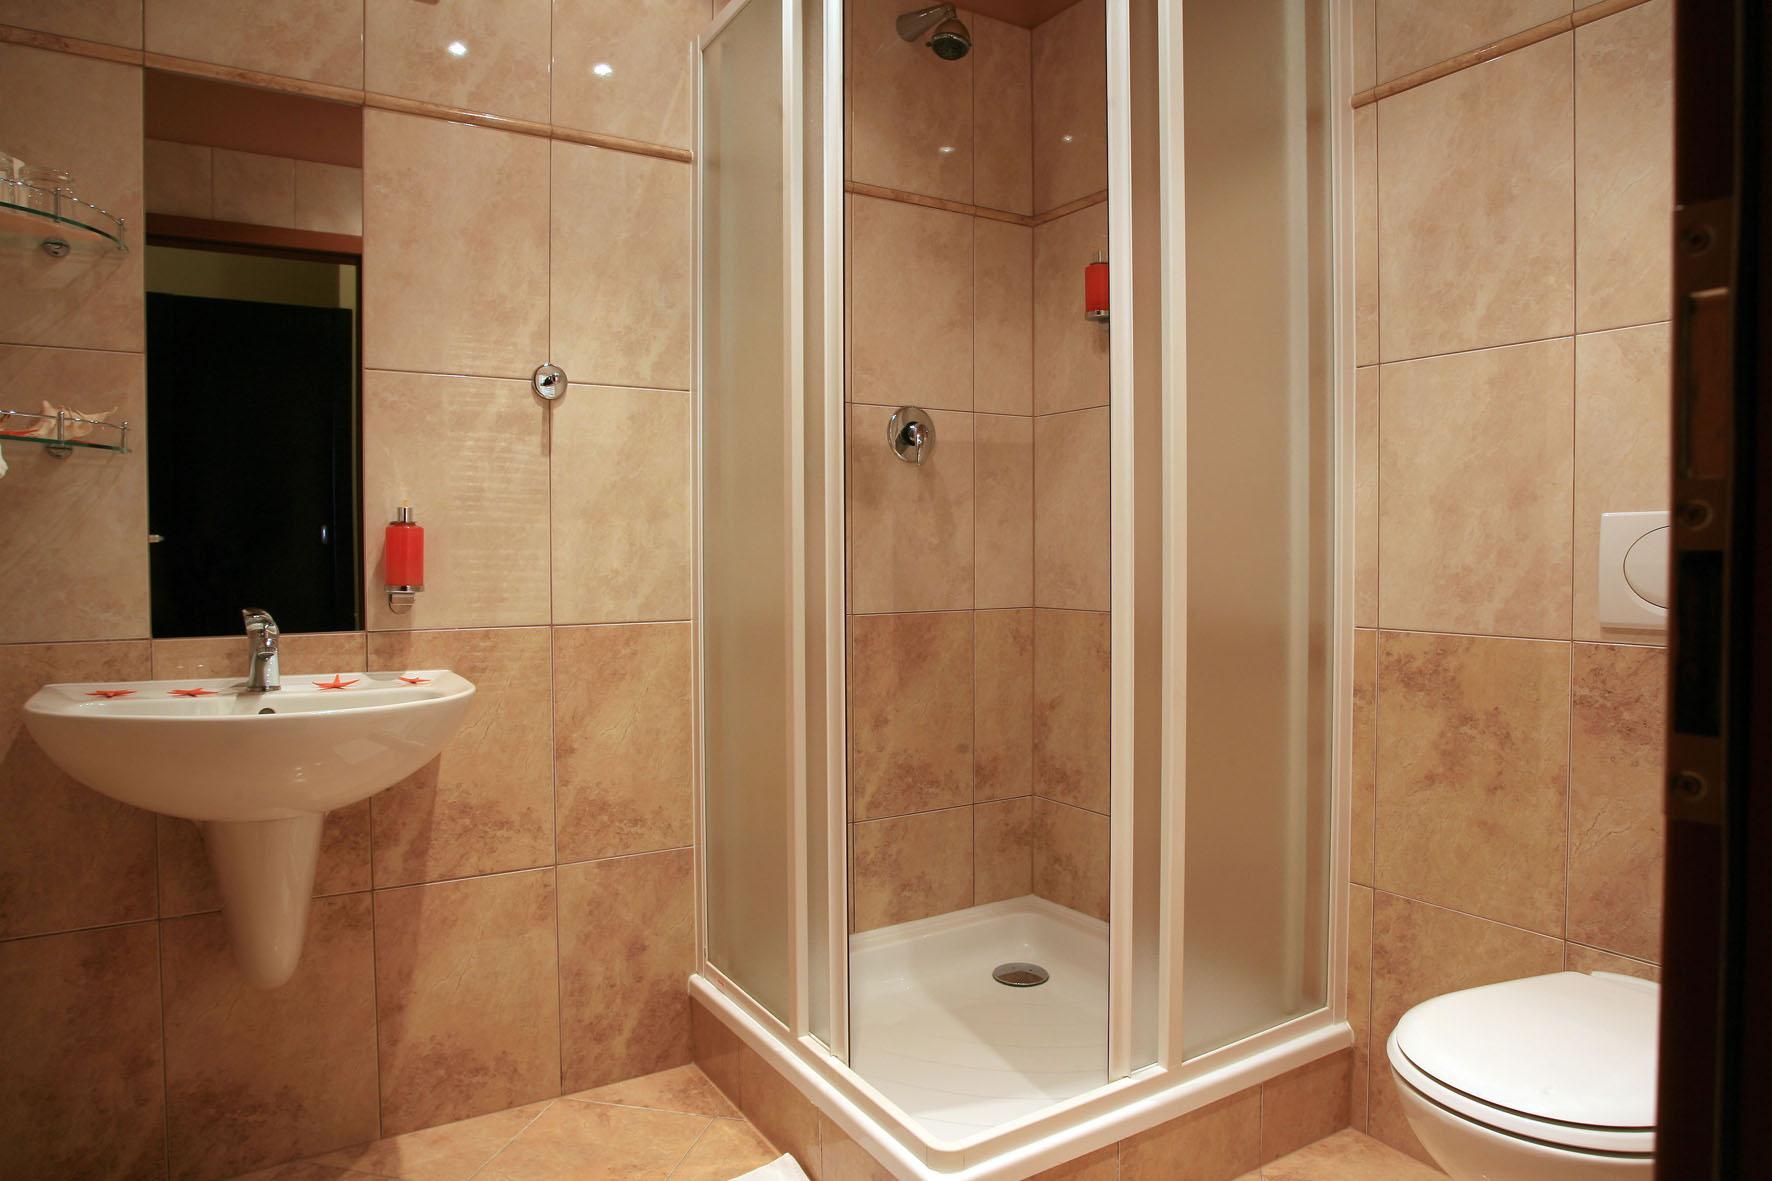 Bathrooms designs Photo - 1